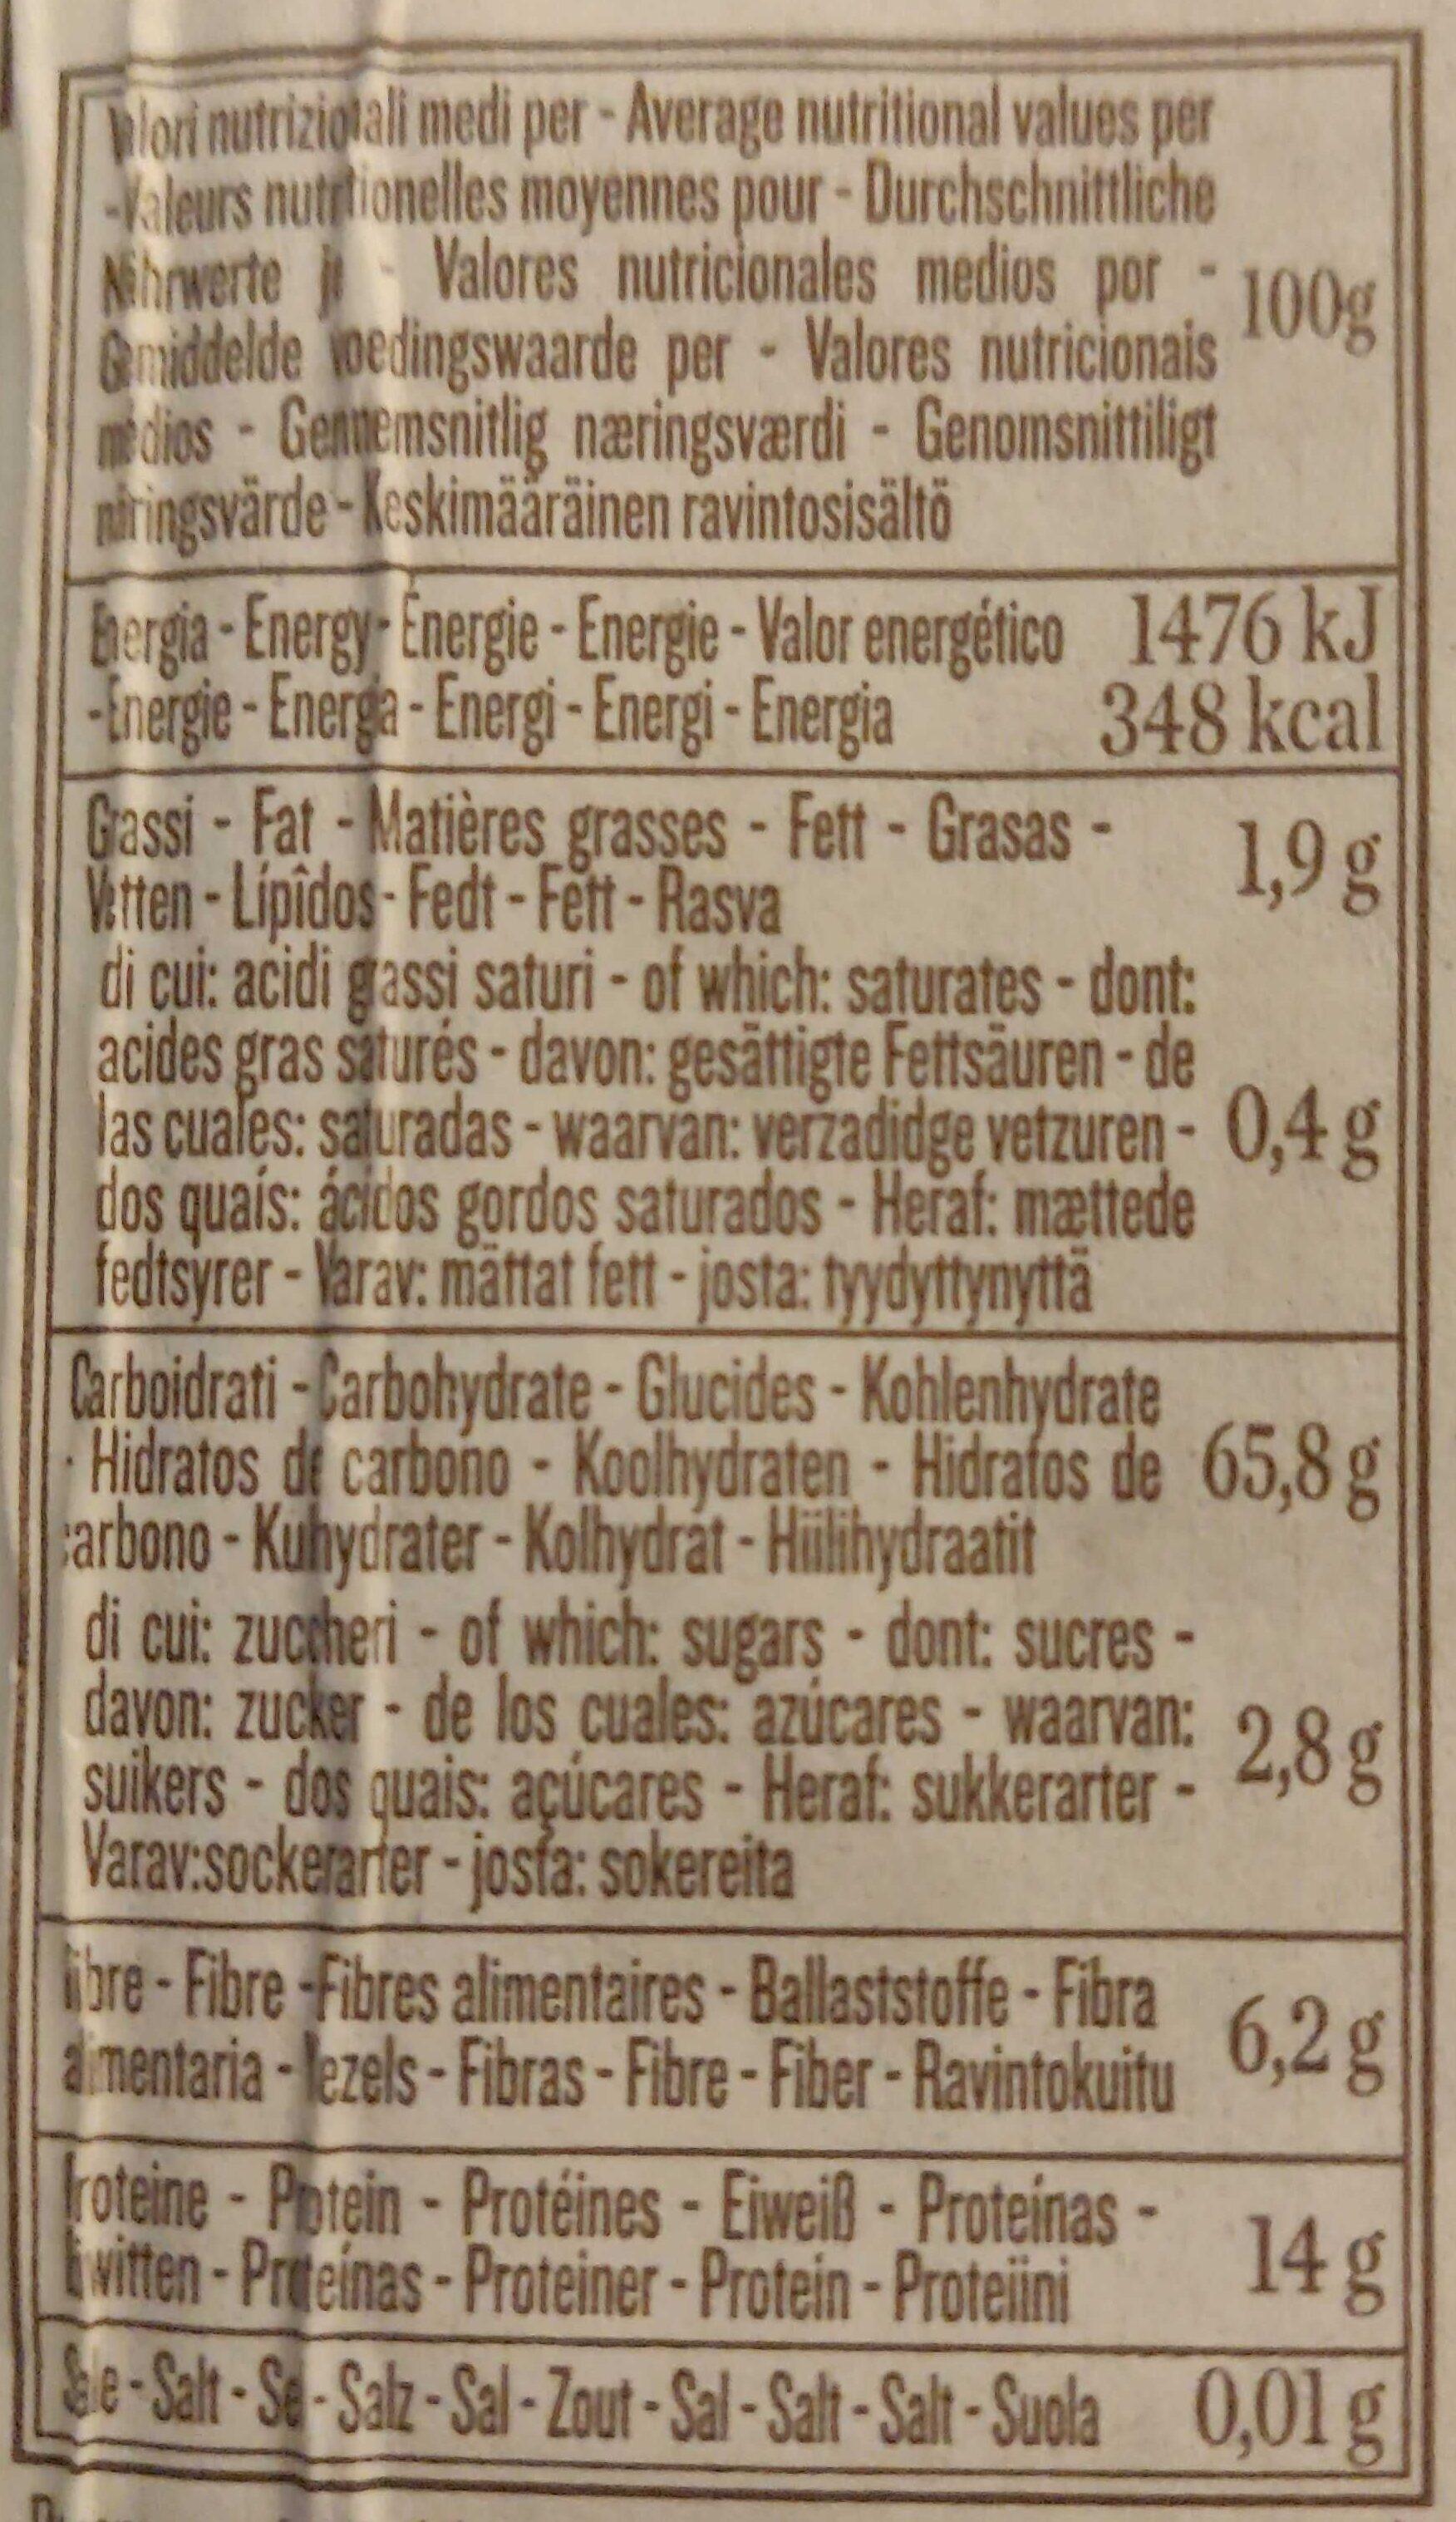 Integrale Penne Rigate No 66 - Valori nutrizionali - it